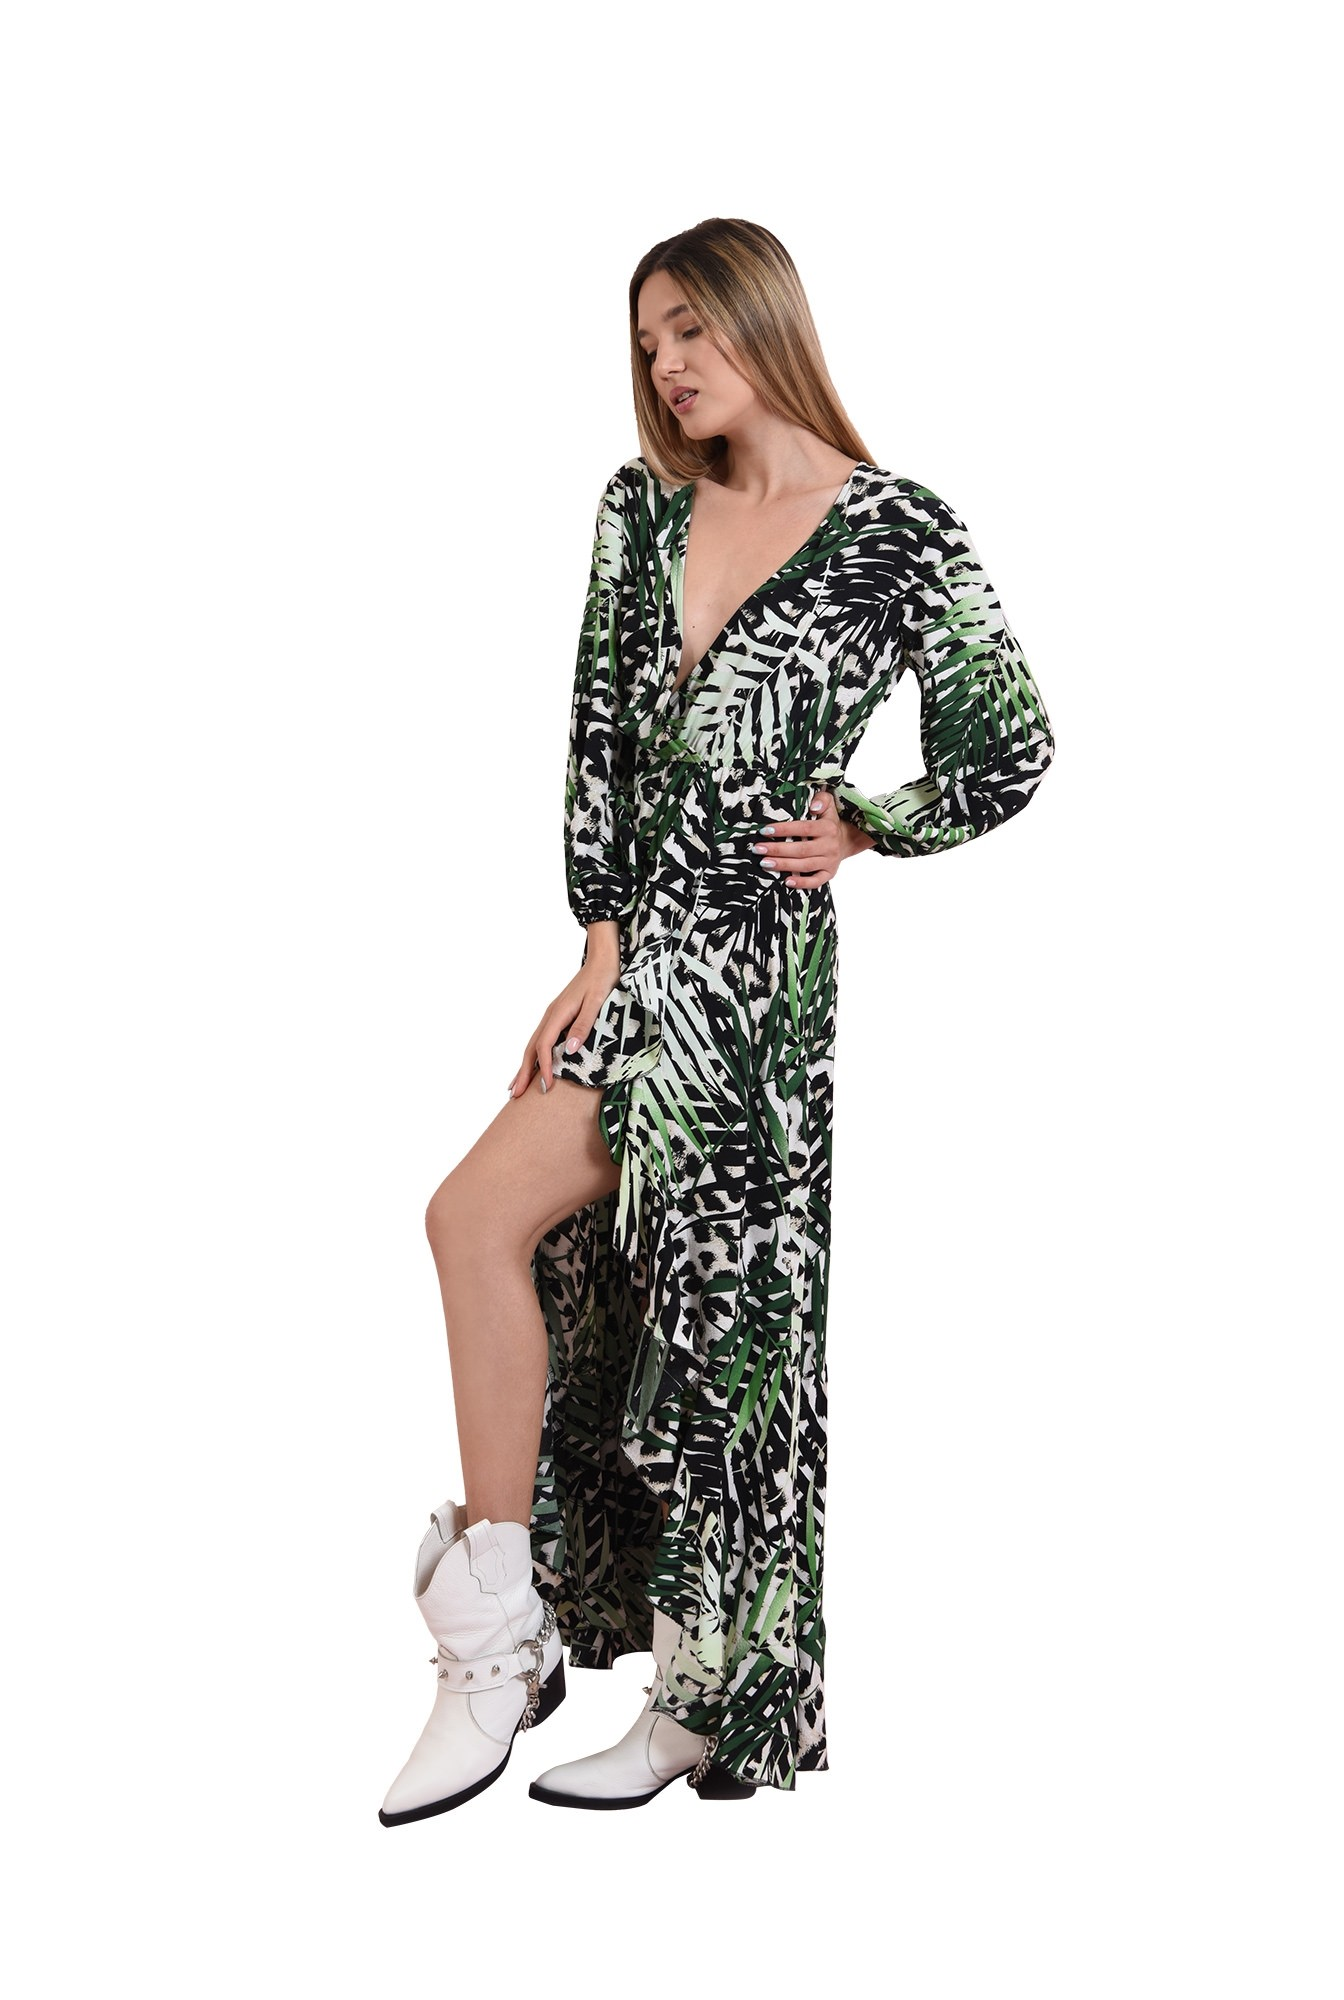 rochie cu imprimeu botanic, cu maneca voluminoasa